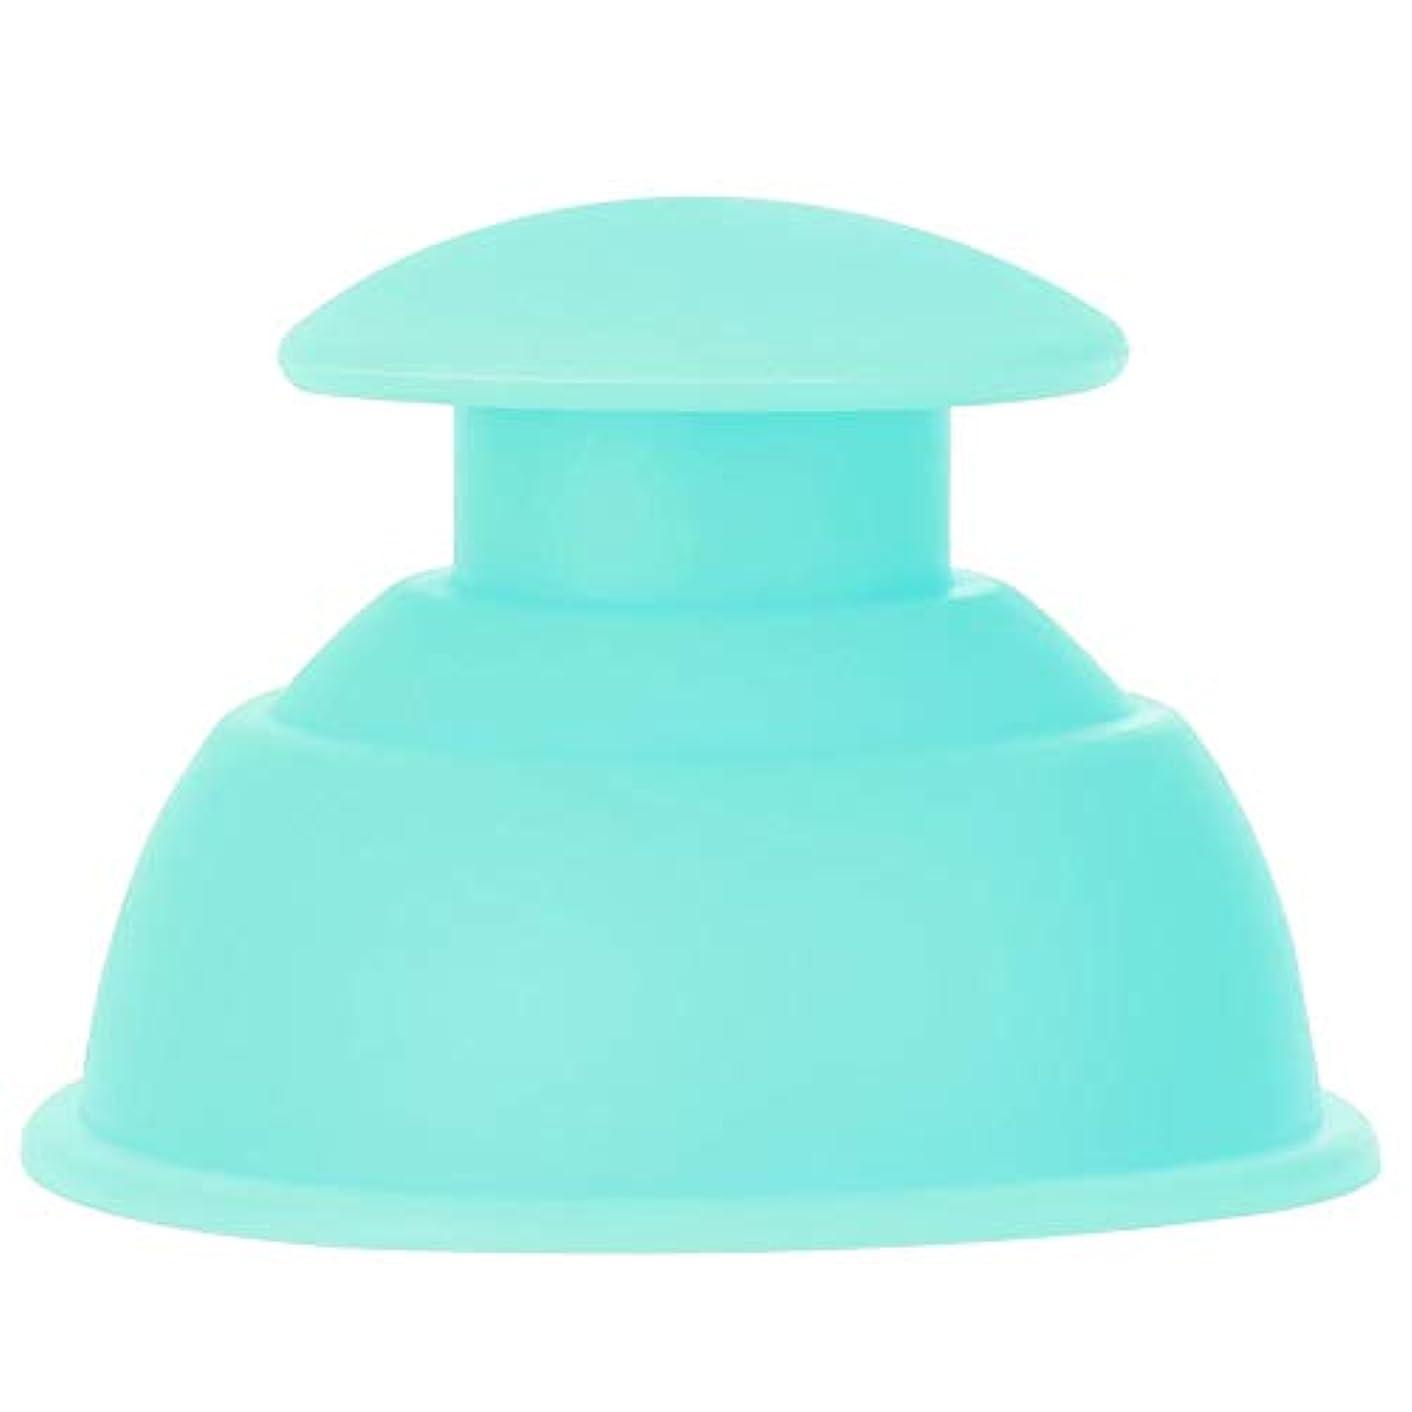 変える誰でも木7種類のカッピングカップマッサージセット、シリコーン水分吸収剤アンチセルライトバキュームによる 全身疲れの緩和(グリーン)